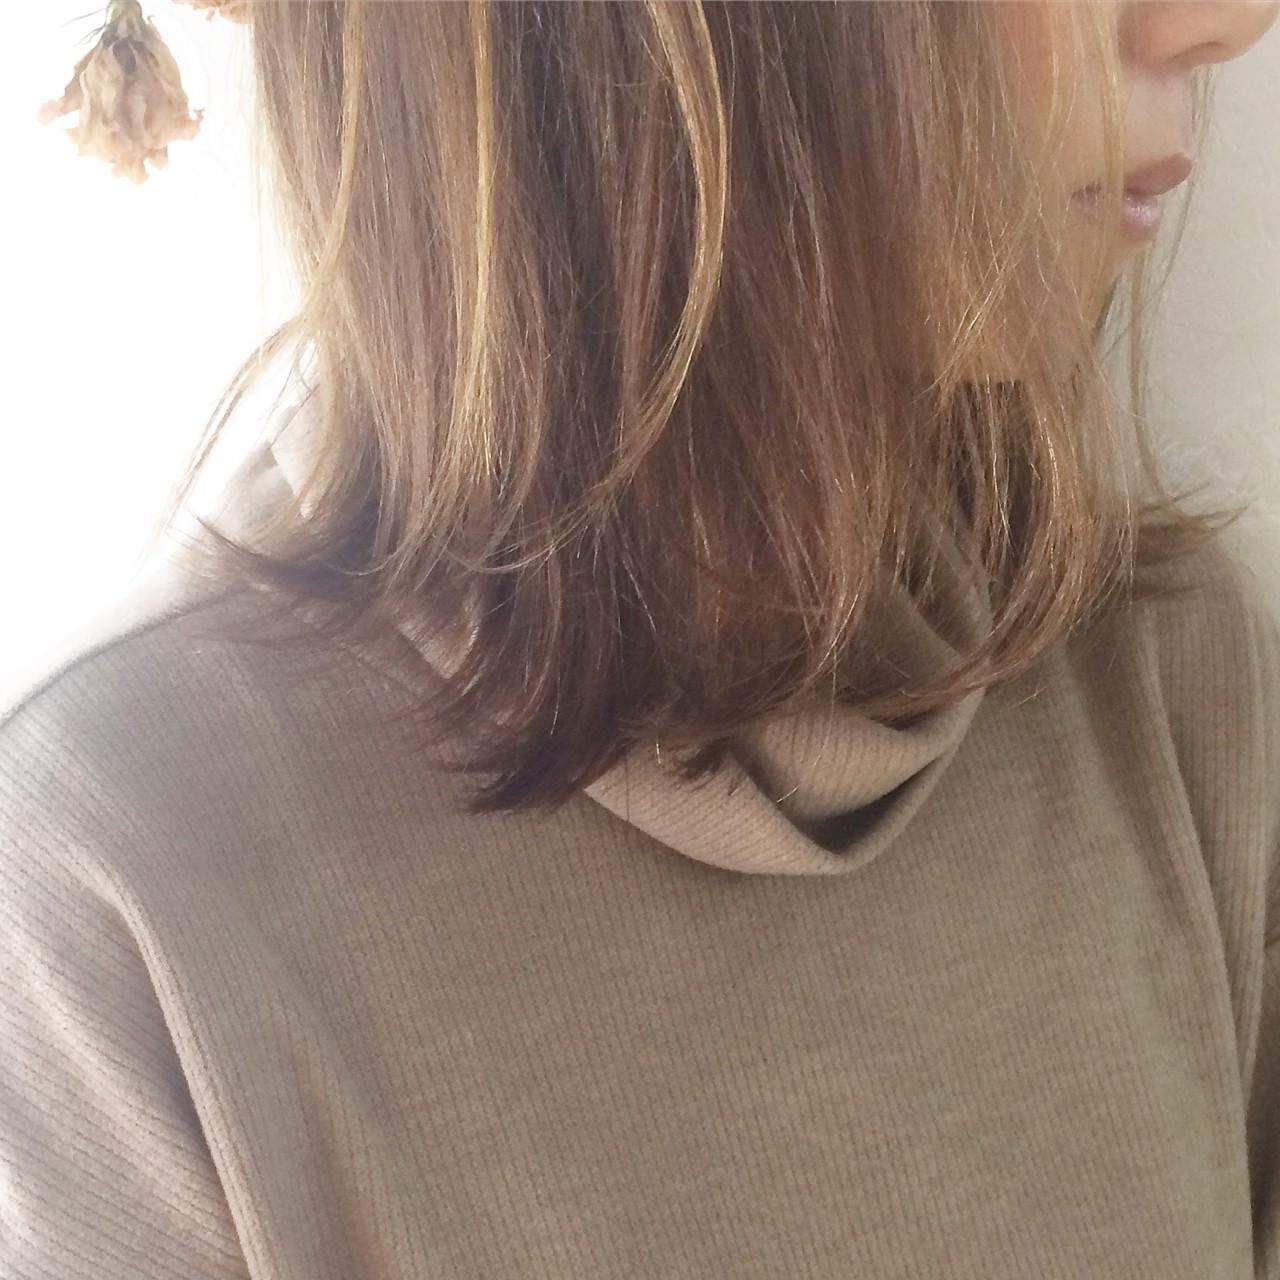 ミディアム ニュアンス ボブ ハイライト ヘアスタイルや髪型の写真・画像 | Takahiro Mizoguchi / Nine